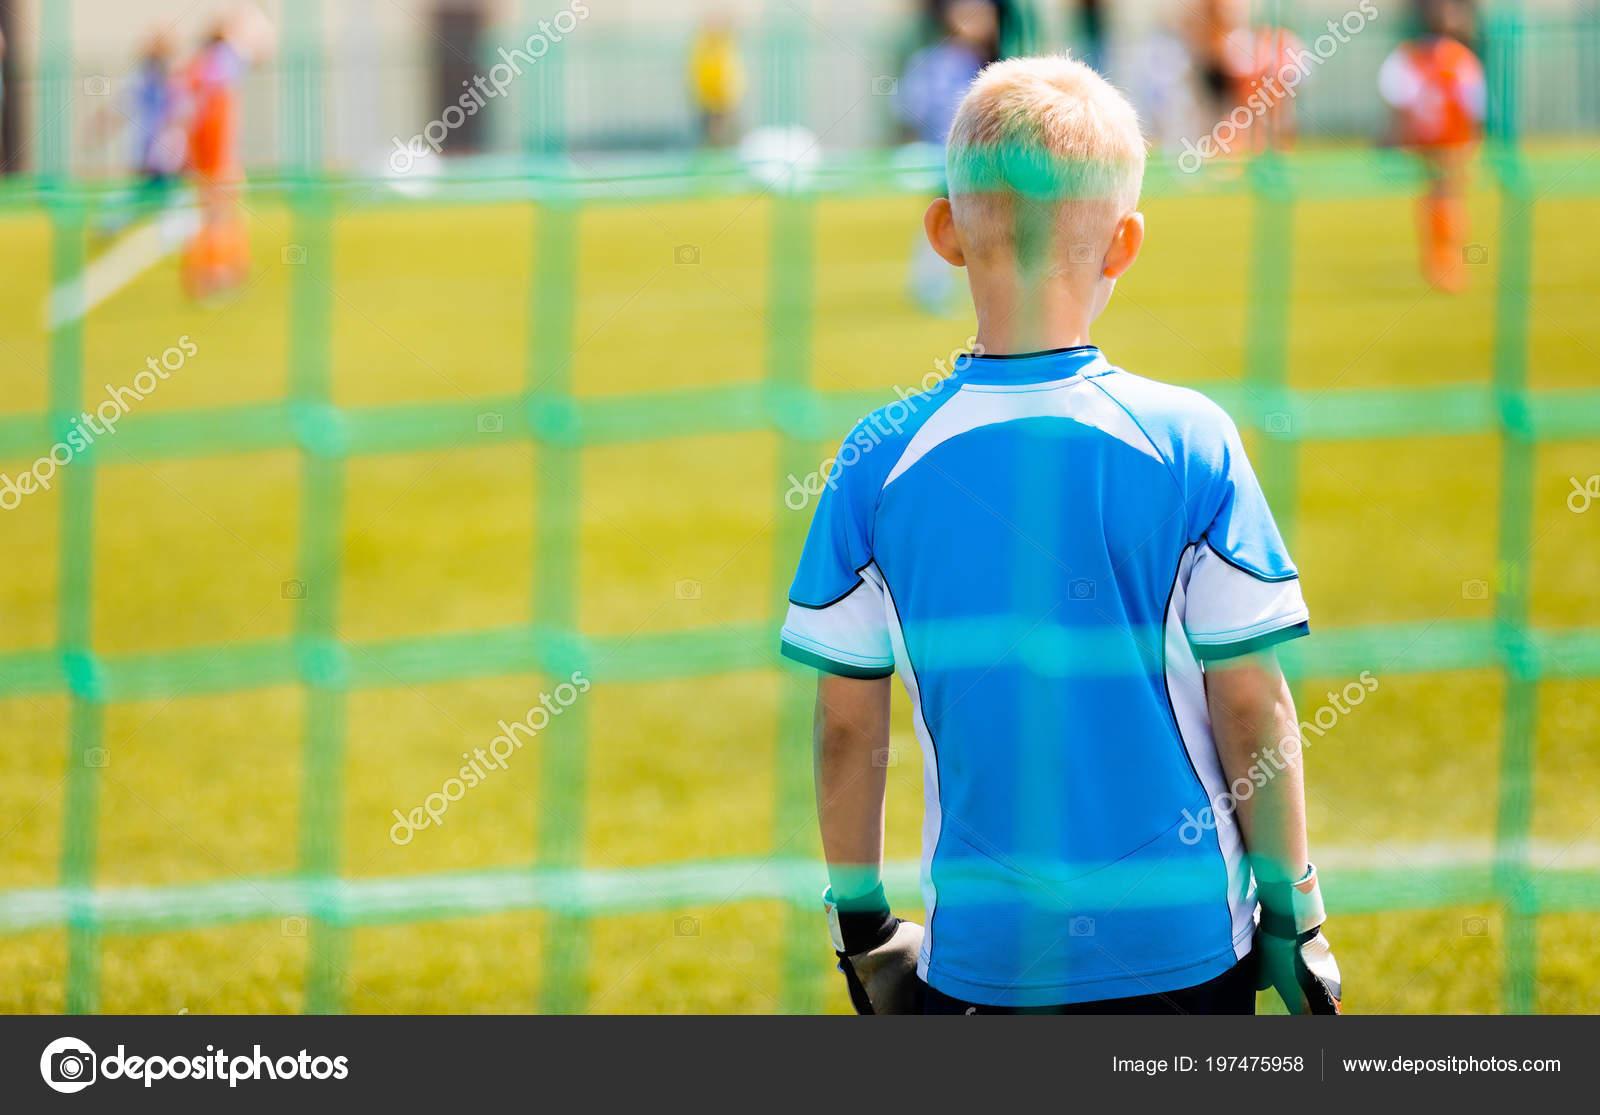 Футбол Навчання Гра Дітей Молодий Хлопчик Футбольний Воротар Стоячи Гол —  стокове фото e61e5cea7d7f4